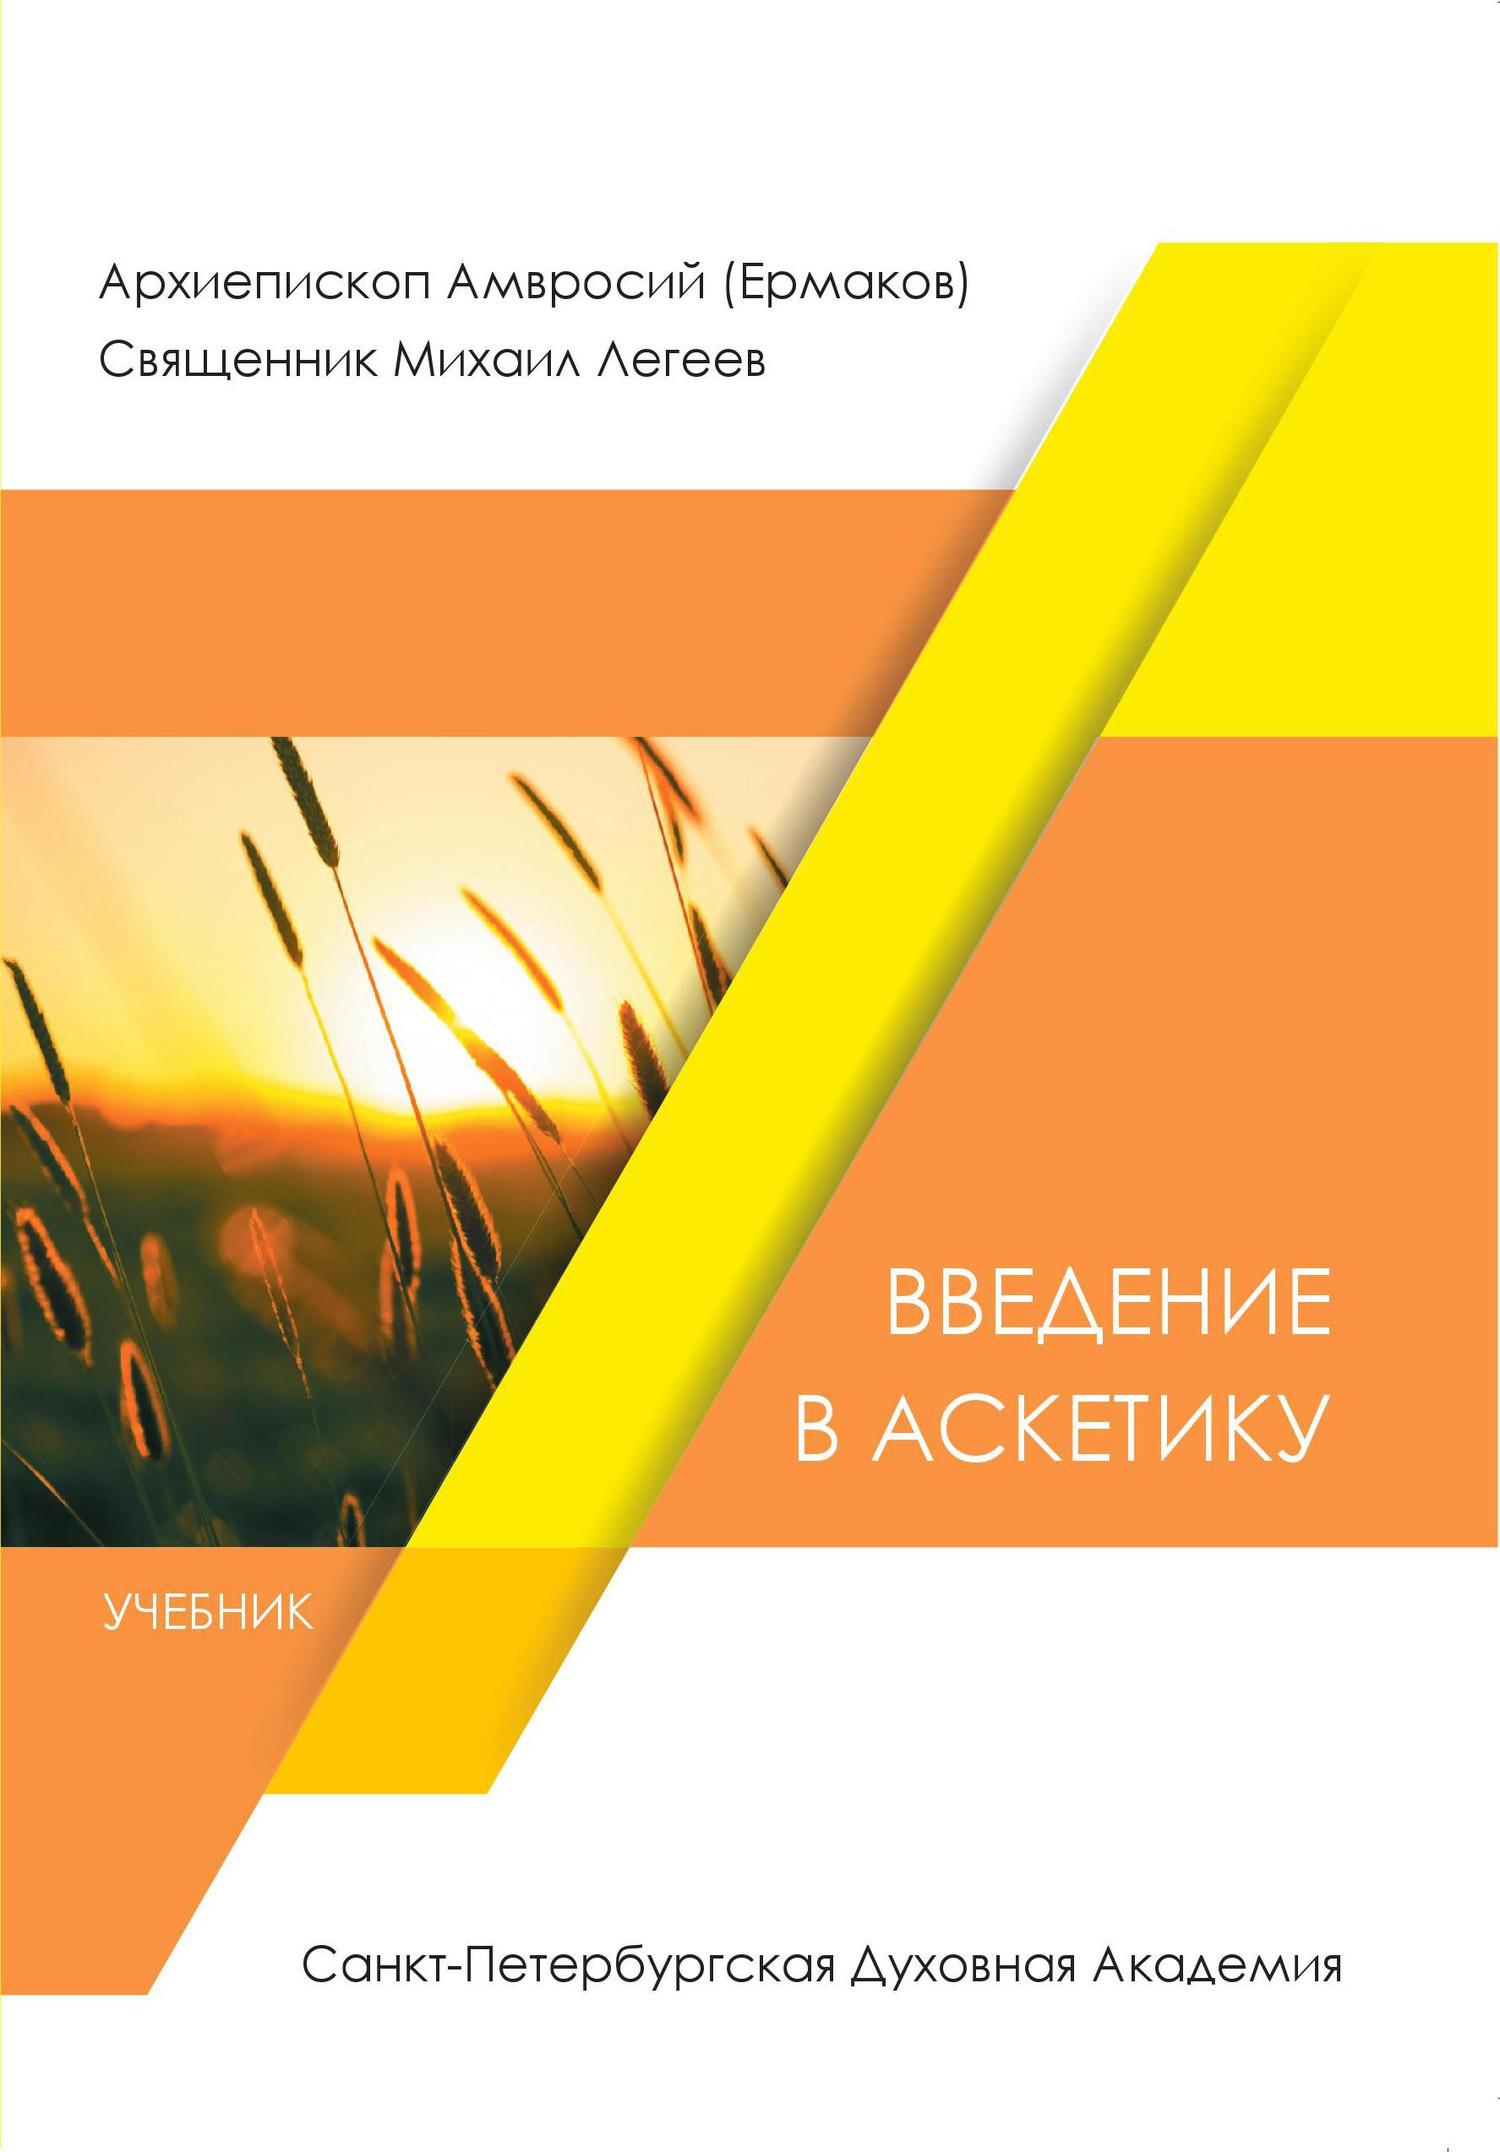 Михаил Легеев, Архиепископ Амвросий (Ермаков) - Введение в аскетику